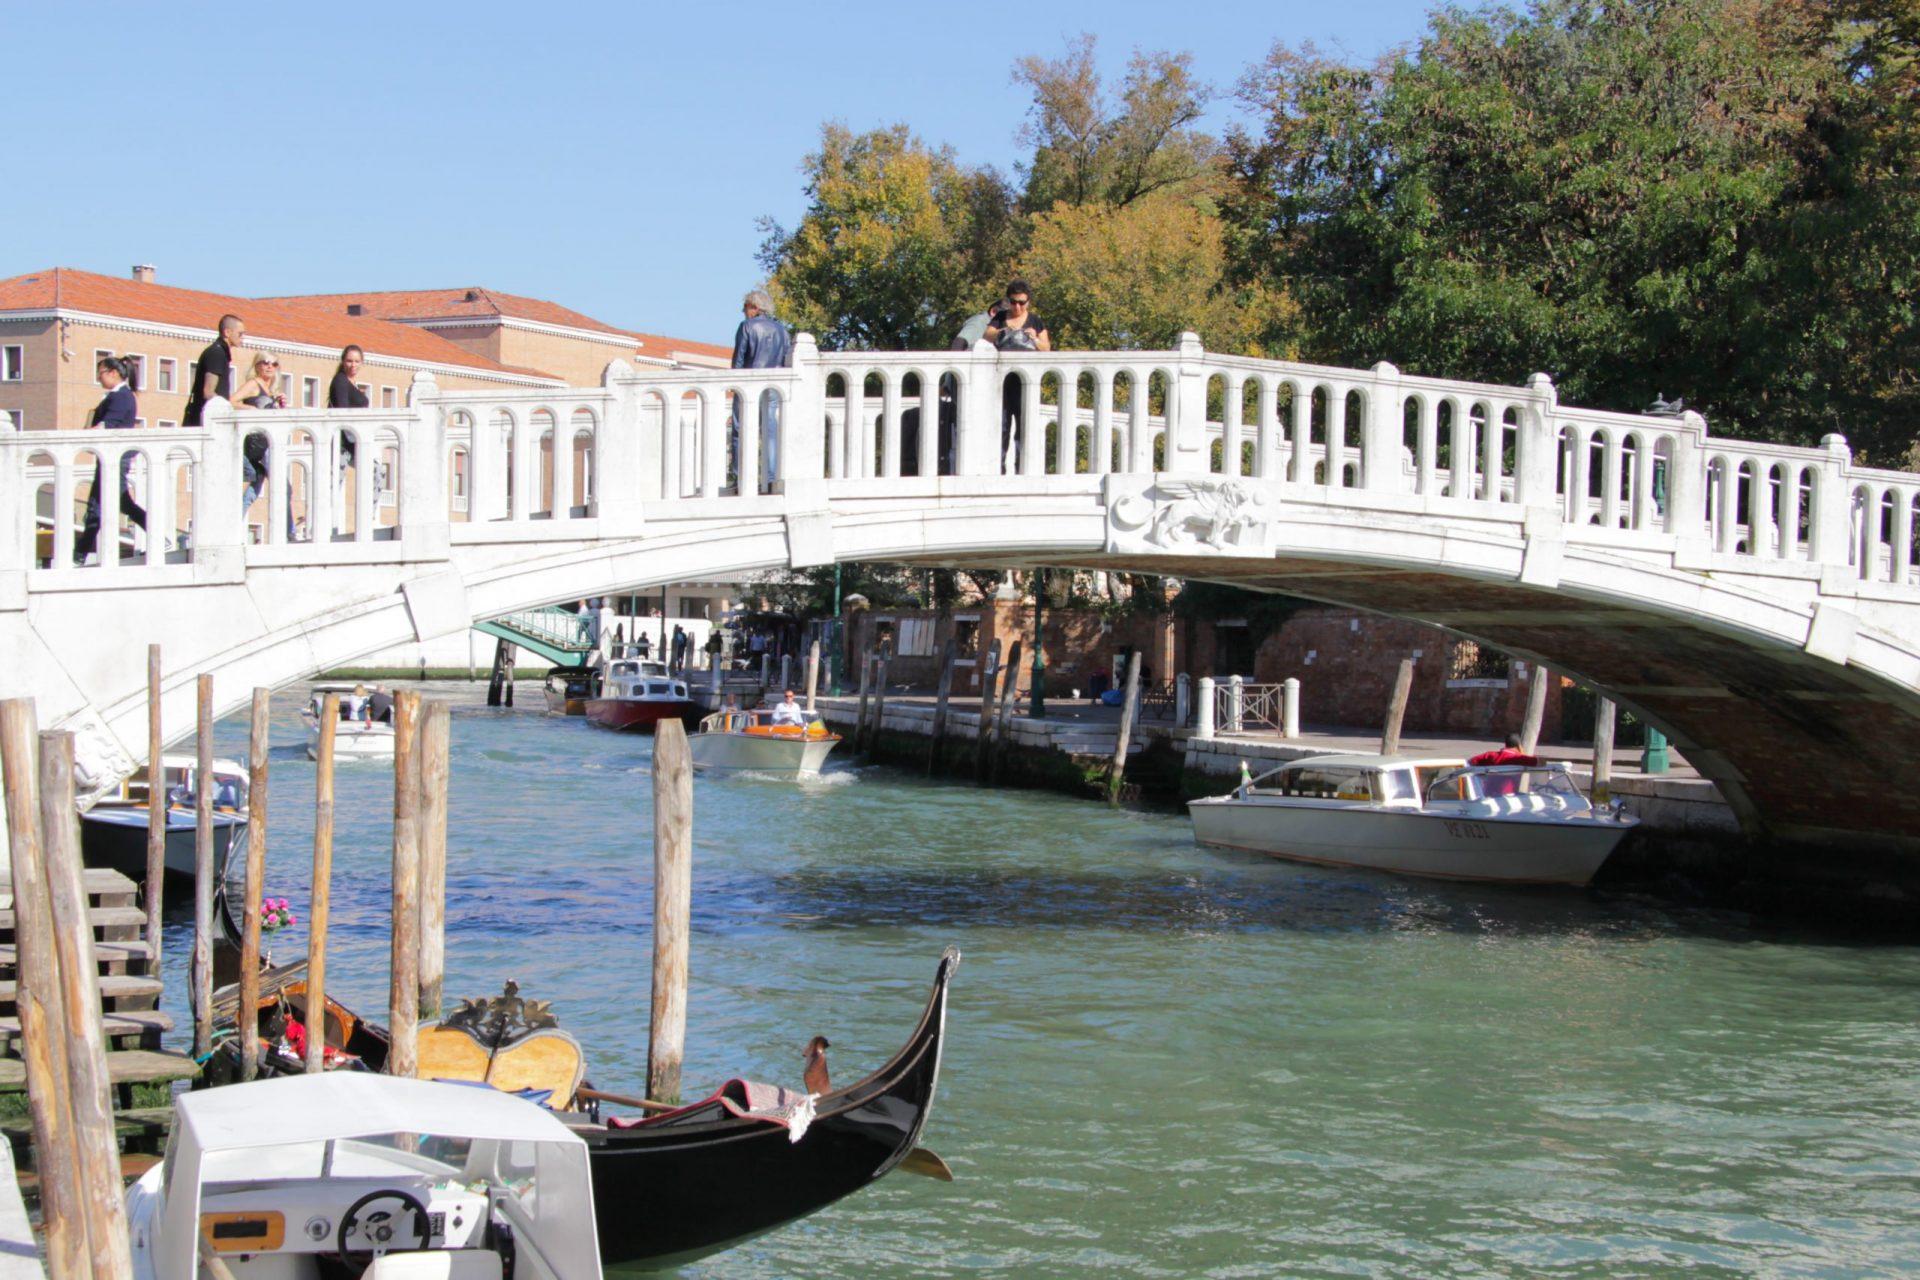 Мост Скальци, Венеция, Италия. Сентябрь, 2014